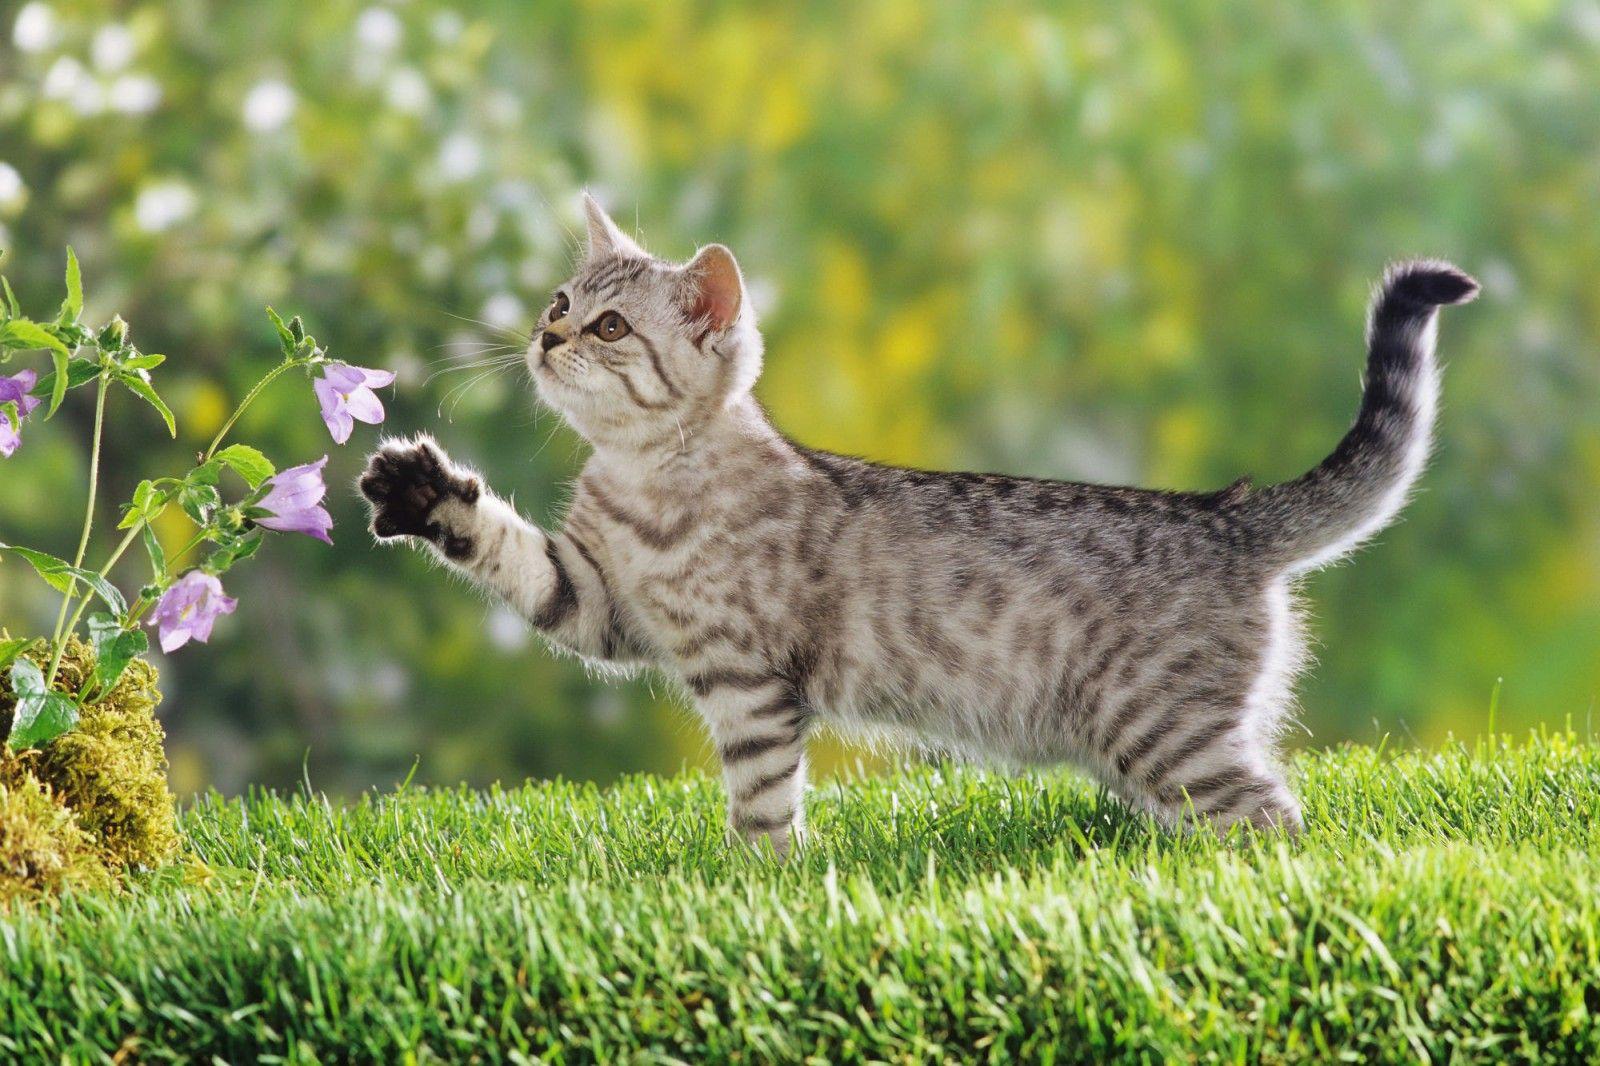 paisagens com gatos - Pesquisa Google | gatos | Pinterest | Gato